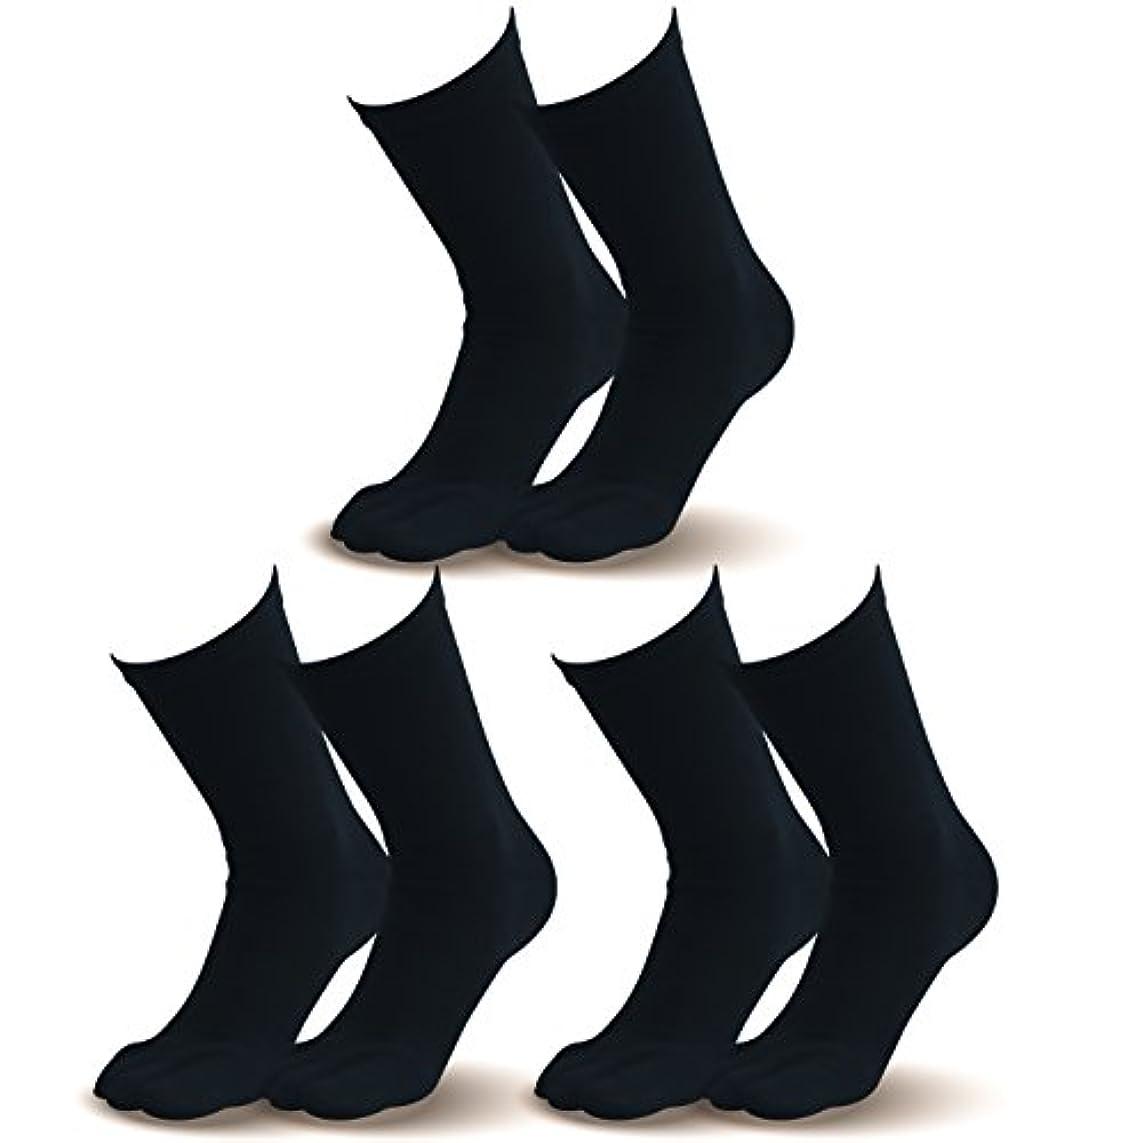 放棄された農場保全【指先まであったか靴下】とってもお得な ブラック3足組  温かい 暖かい 遠赤外線加工 セラミック 伸びる 外反母趾対策 健康 5本指ソックス